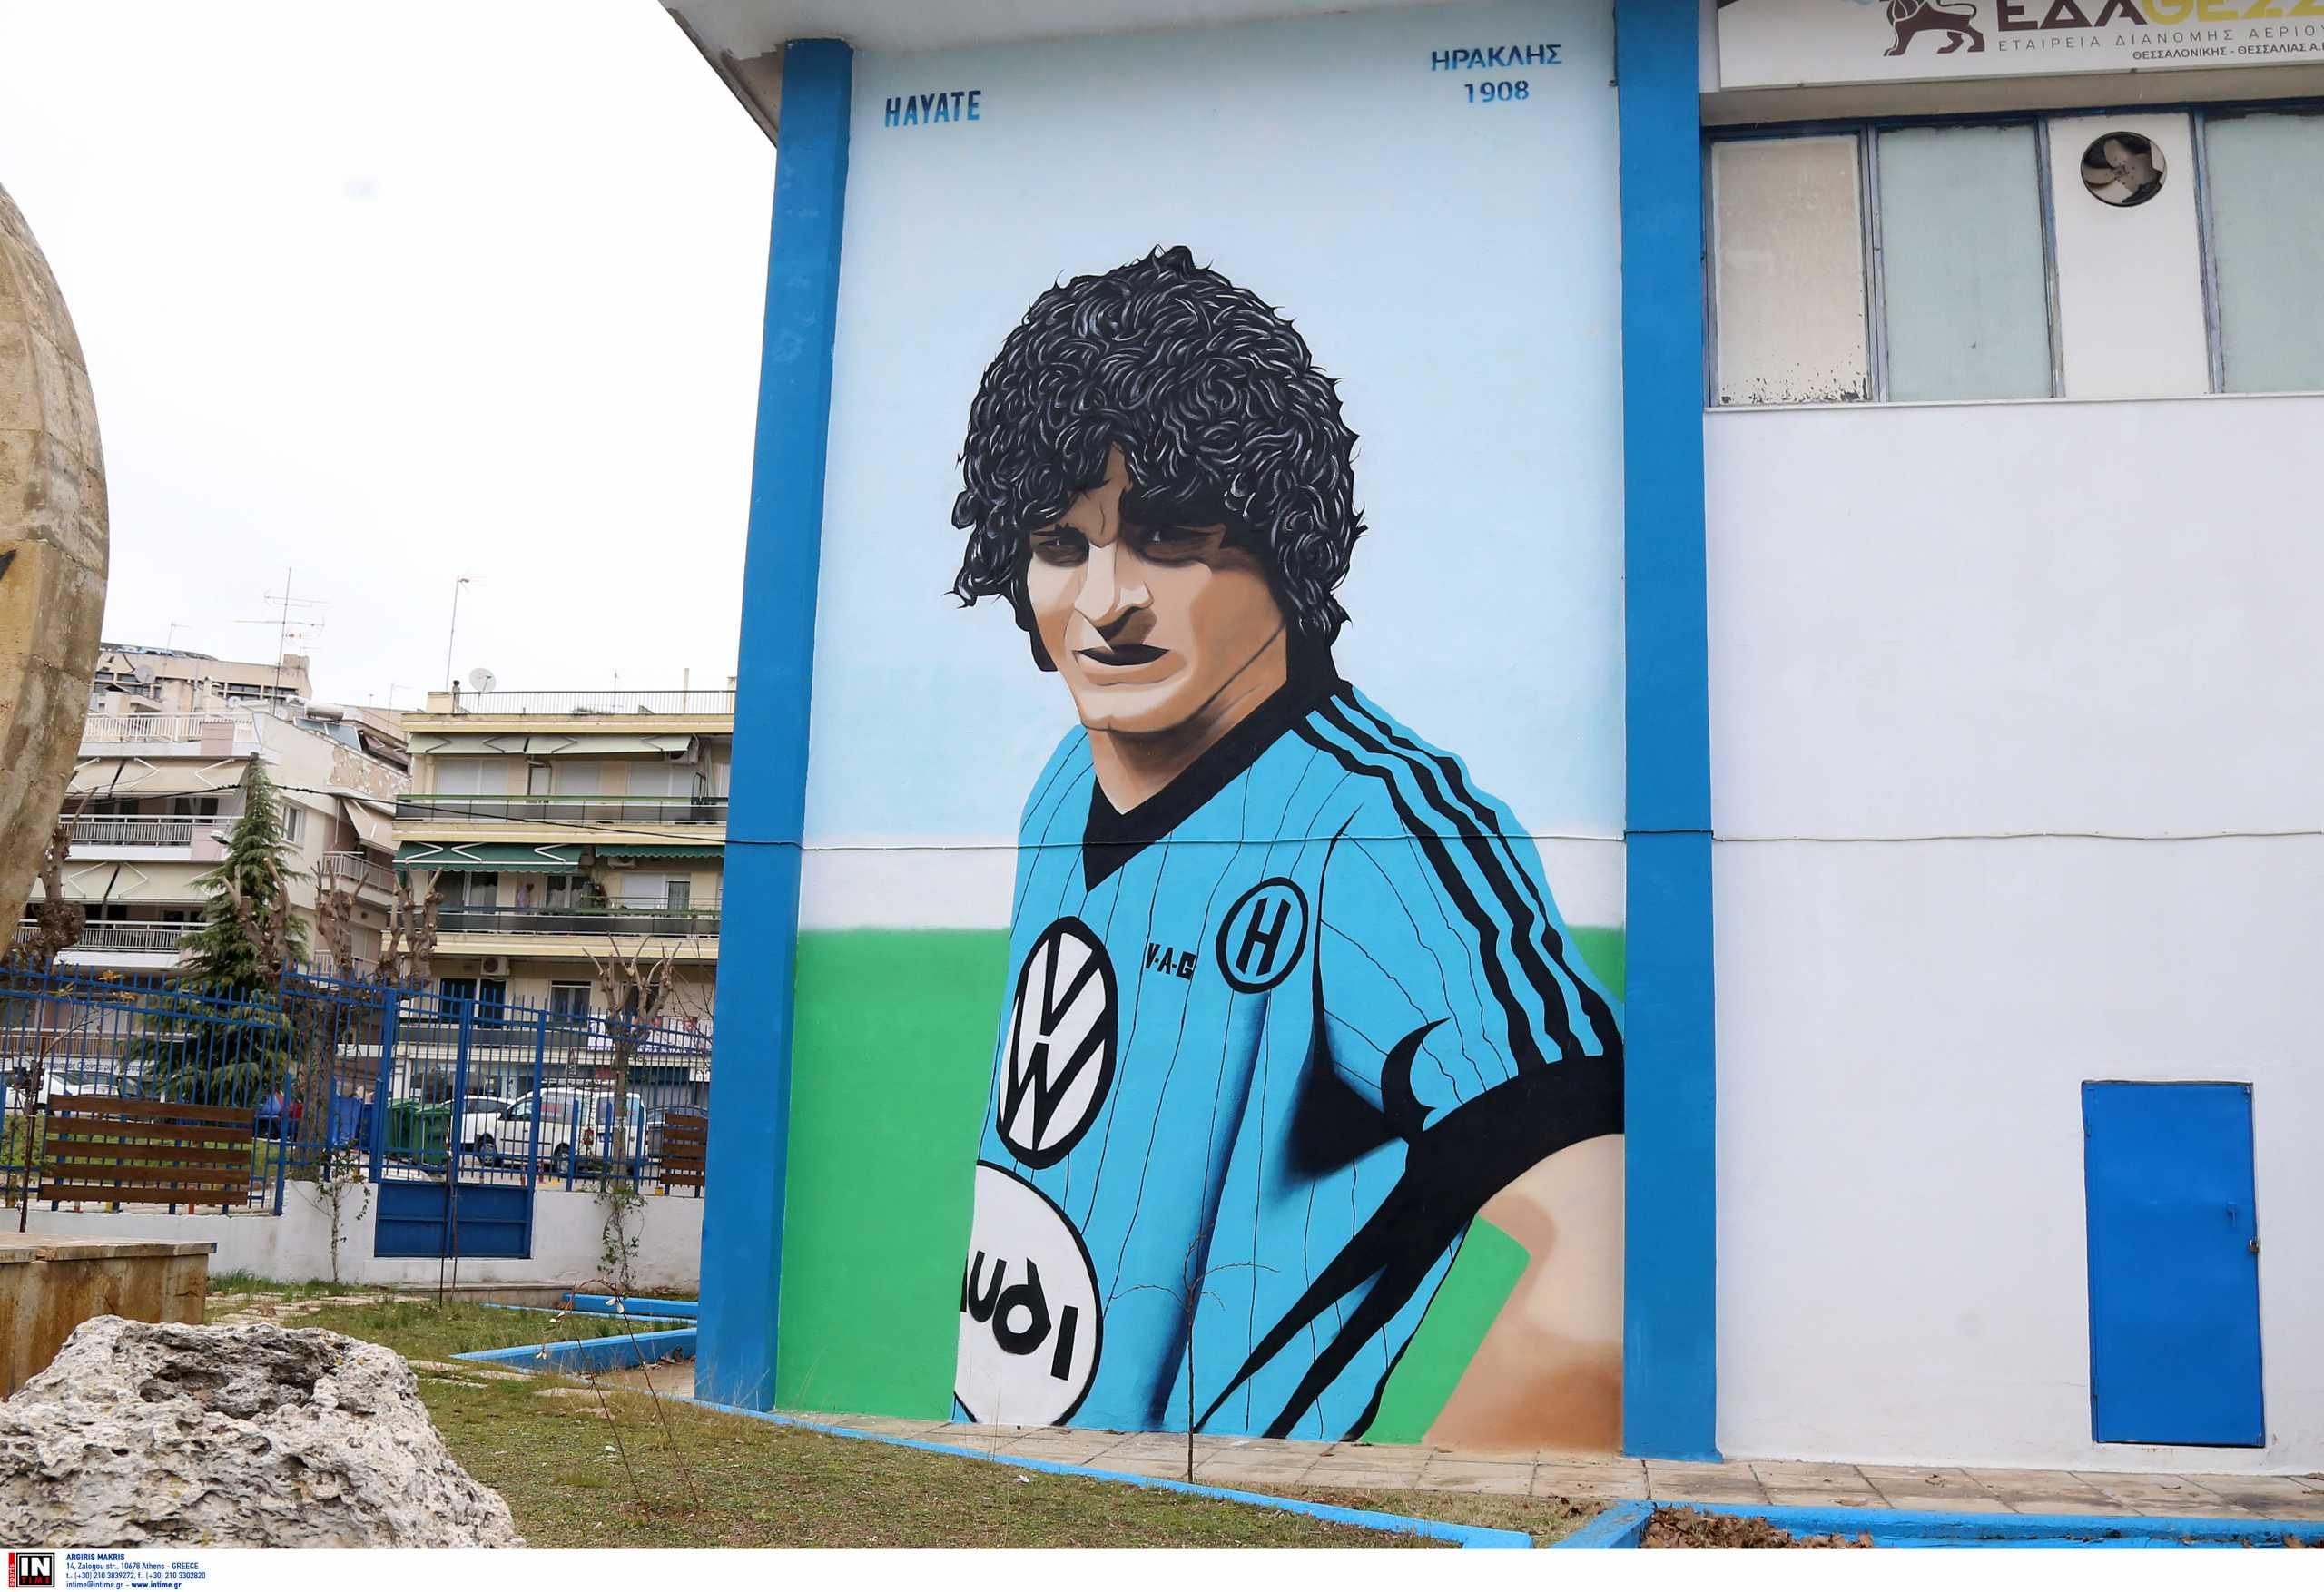 Έφτιαξε το υπέροχο γκράφιτι του Χατζηπαναγή χωρίς να έχει παρακολουθήσει ποτέ ποδόσφαιρο